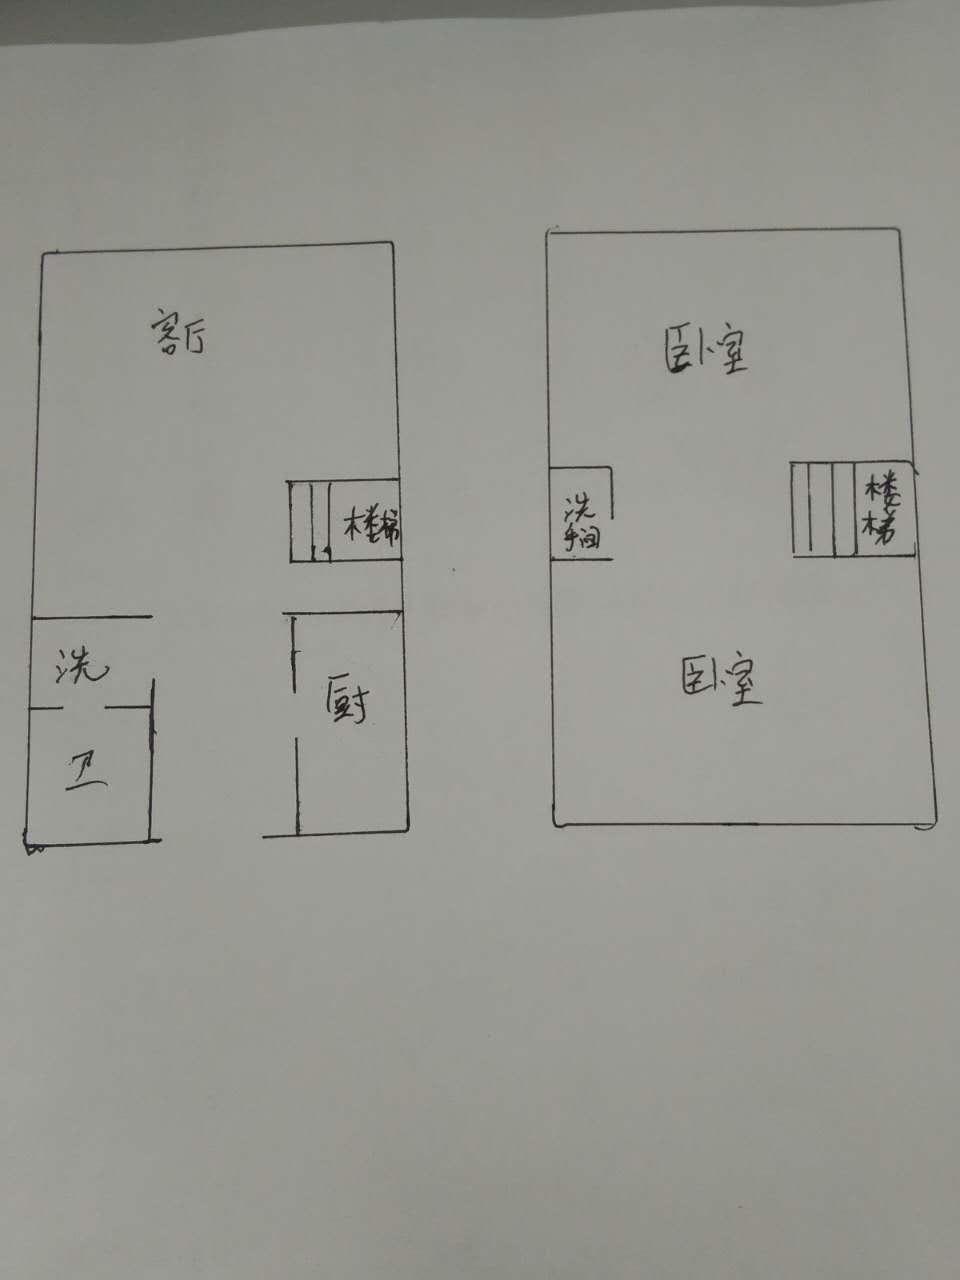 未来城 2室2厅 7楼